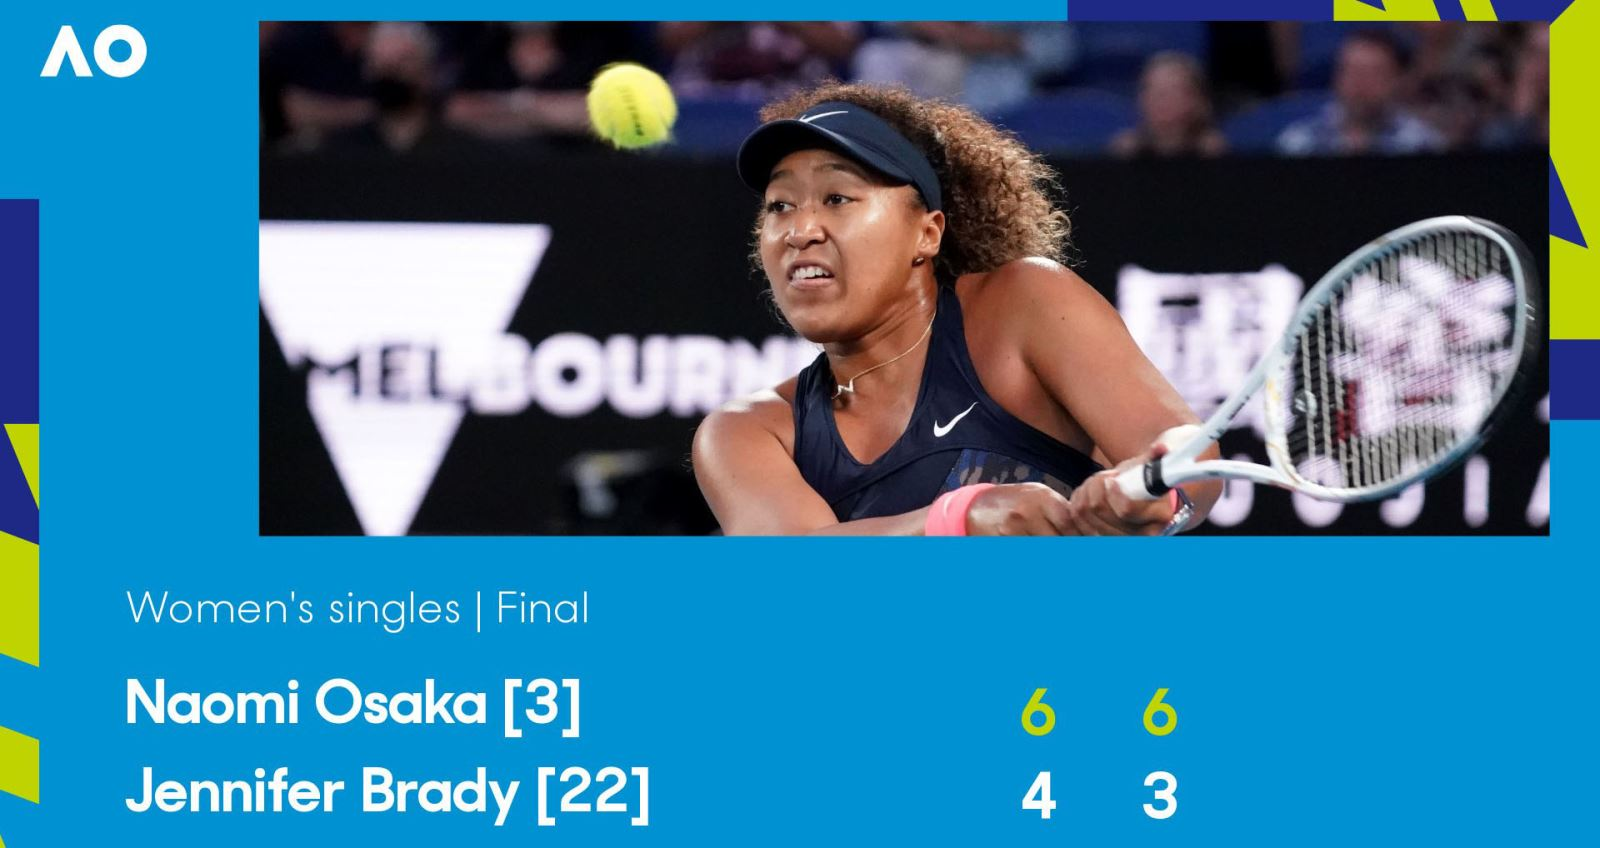 Chung kết Tennis Úc mở rộng, Naomi Osaka, Naomi Osaka vô địch Úc mở rộng, tennis, kết quả tennis, kết quả Úc mở rộng, Australian Open, Kết quả Úc mở rộng 2021